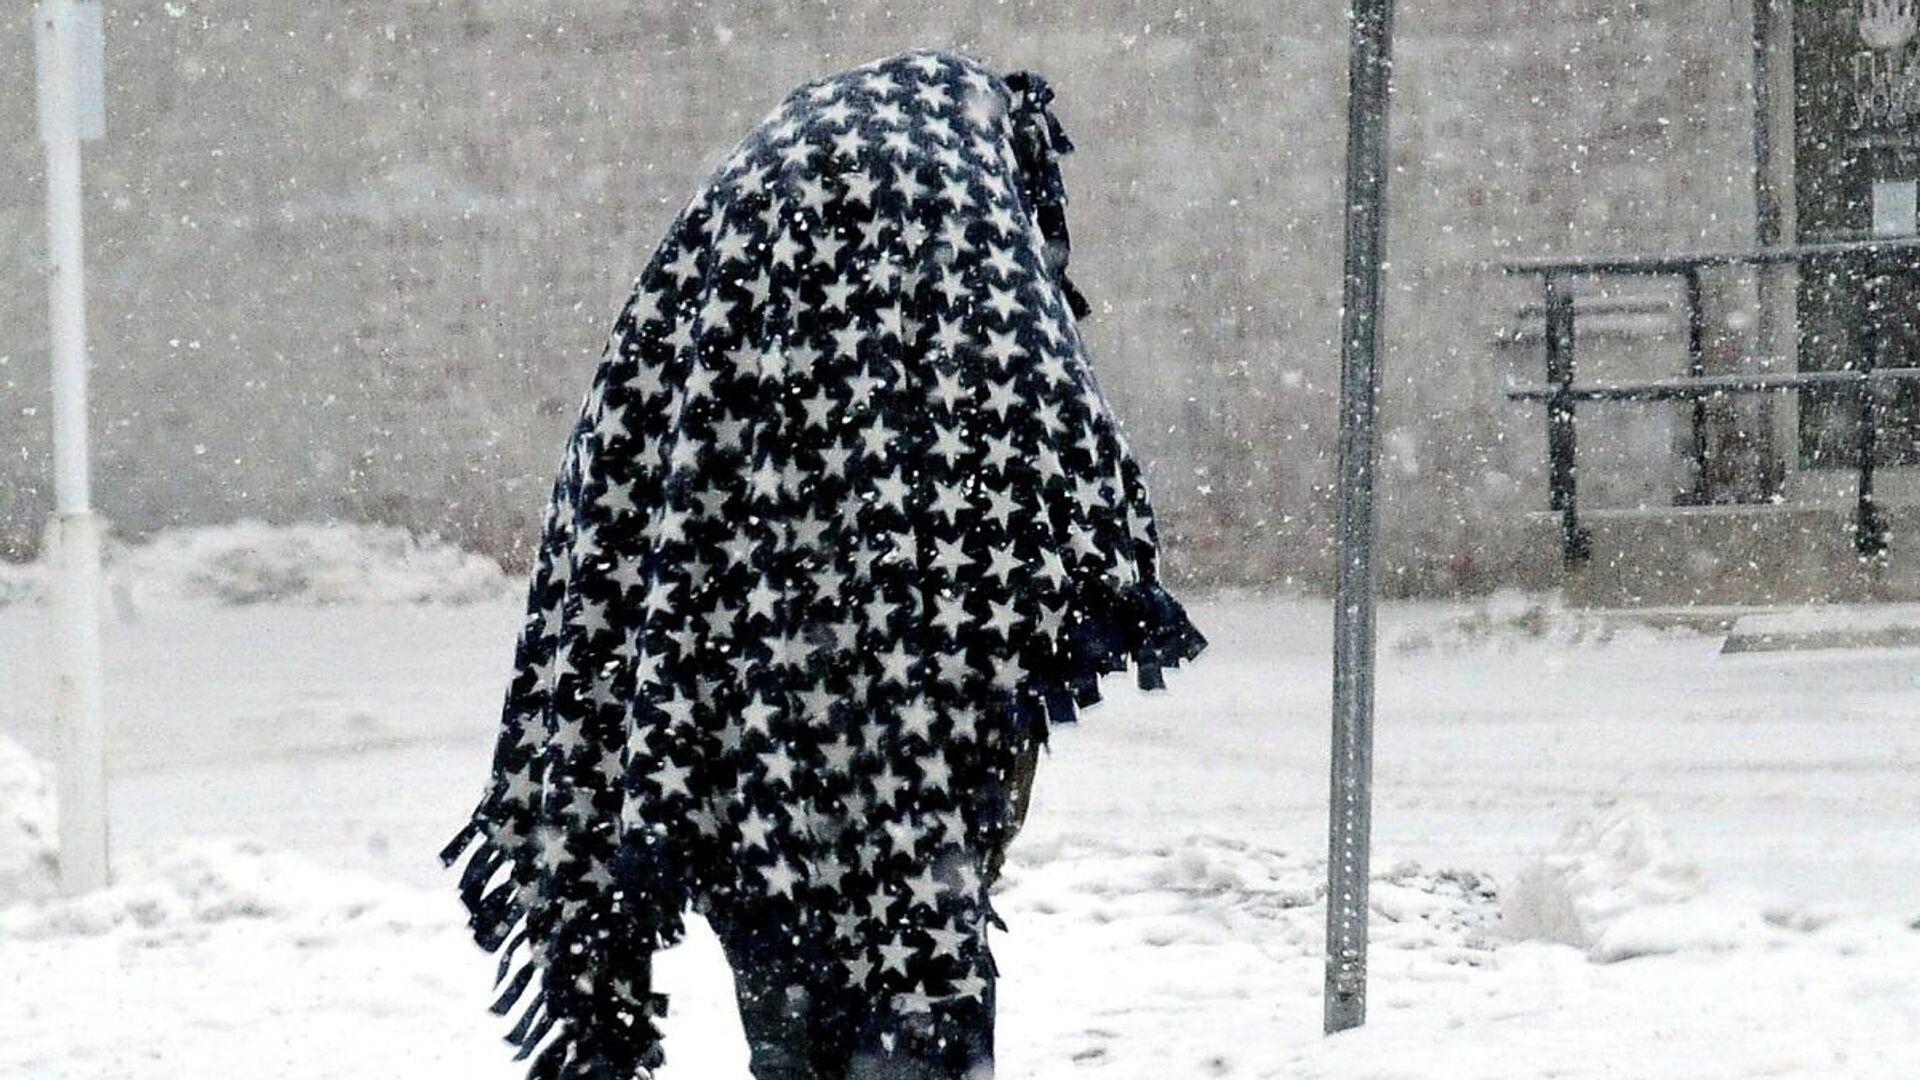 Una persona camina cubierta por una manta para mantenerse caliente después de una tormenta de nieve en el centro comercial de Wooster, Ohio, EEUU, el 15 de febrero de 2021.   - Sputnik Mundo, 1920, 17.02.2021